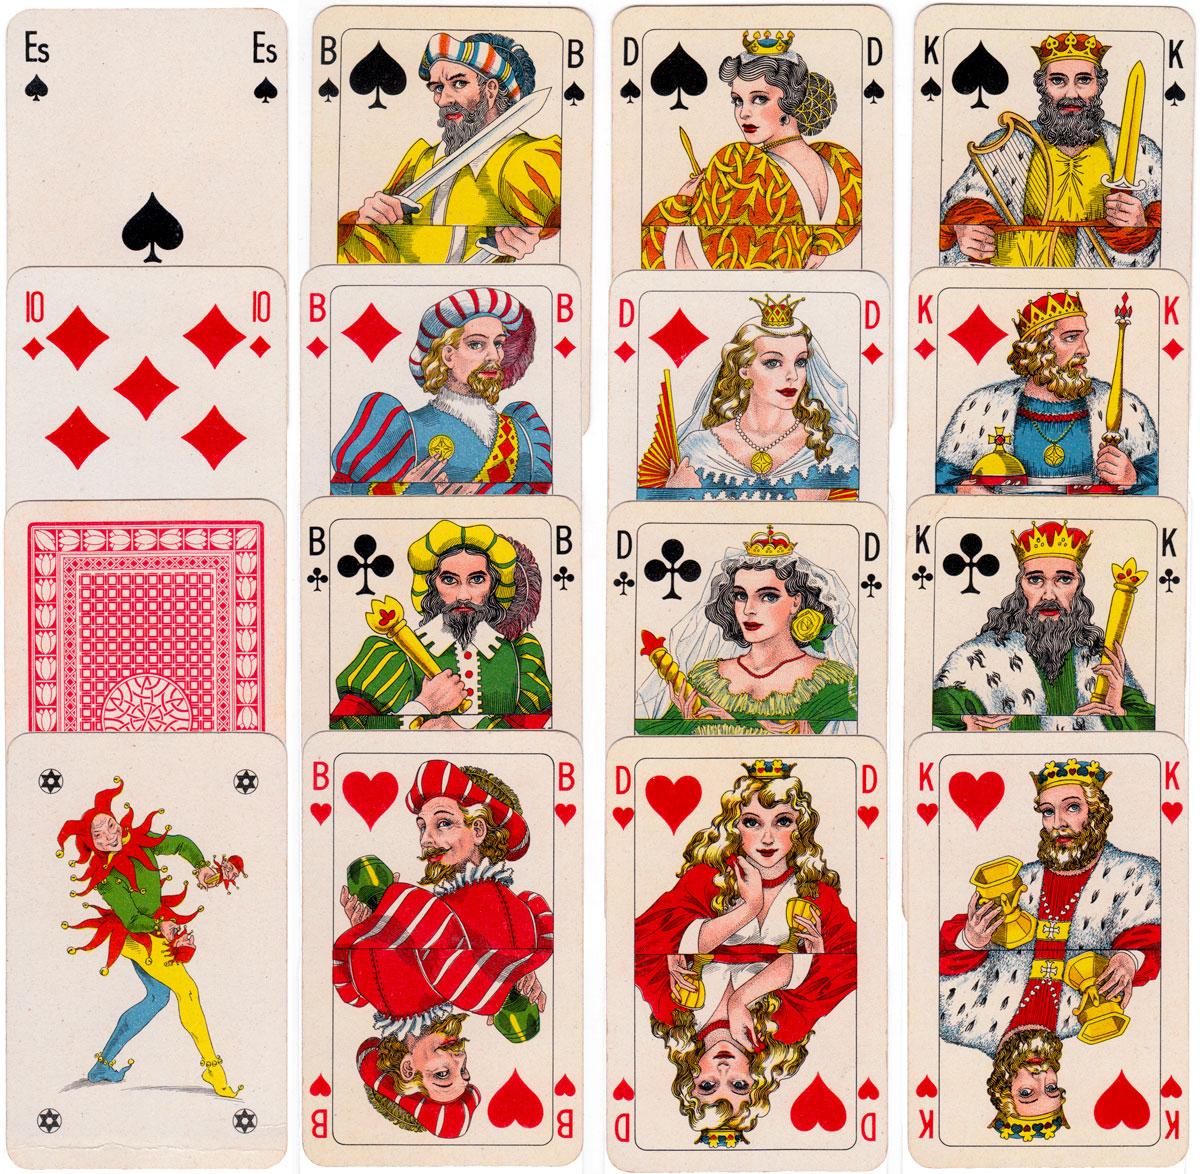 Warburg's Danske playing cards published by Aktieselskabet Emil Jensen, København, 1944